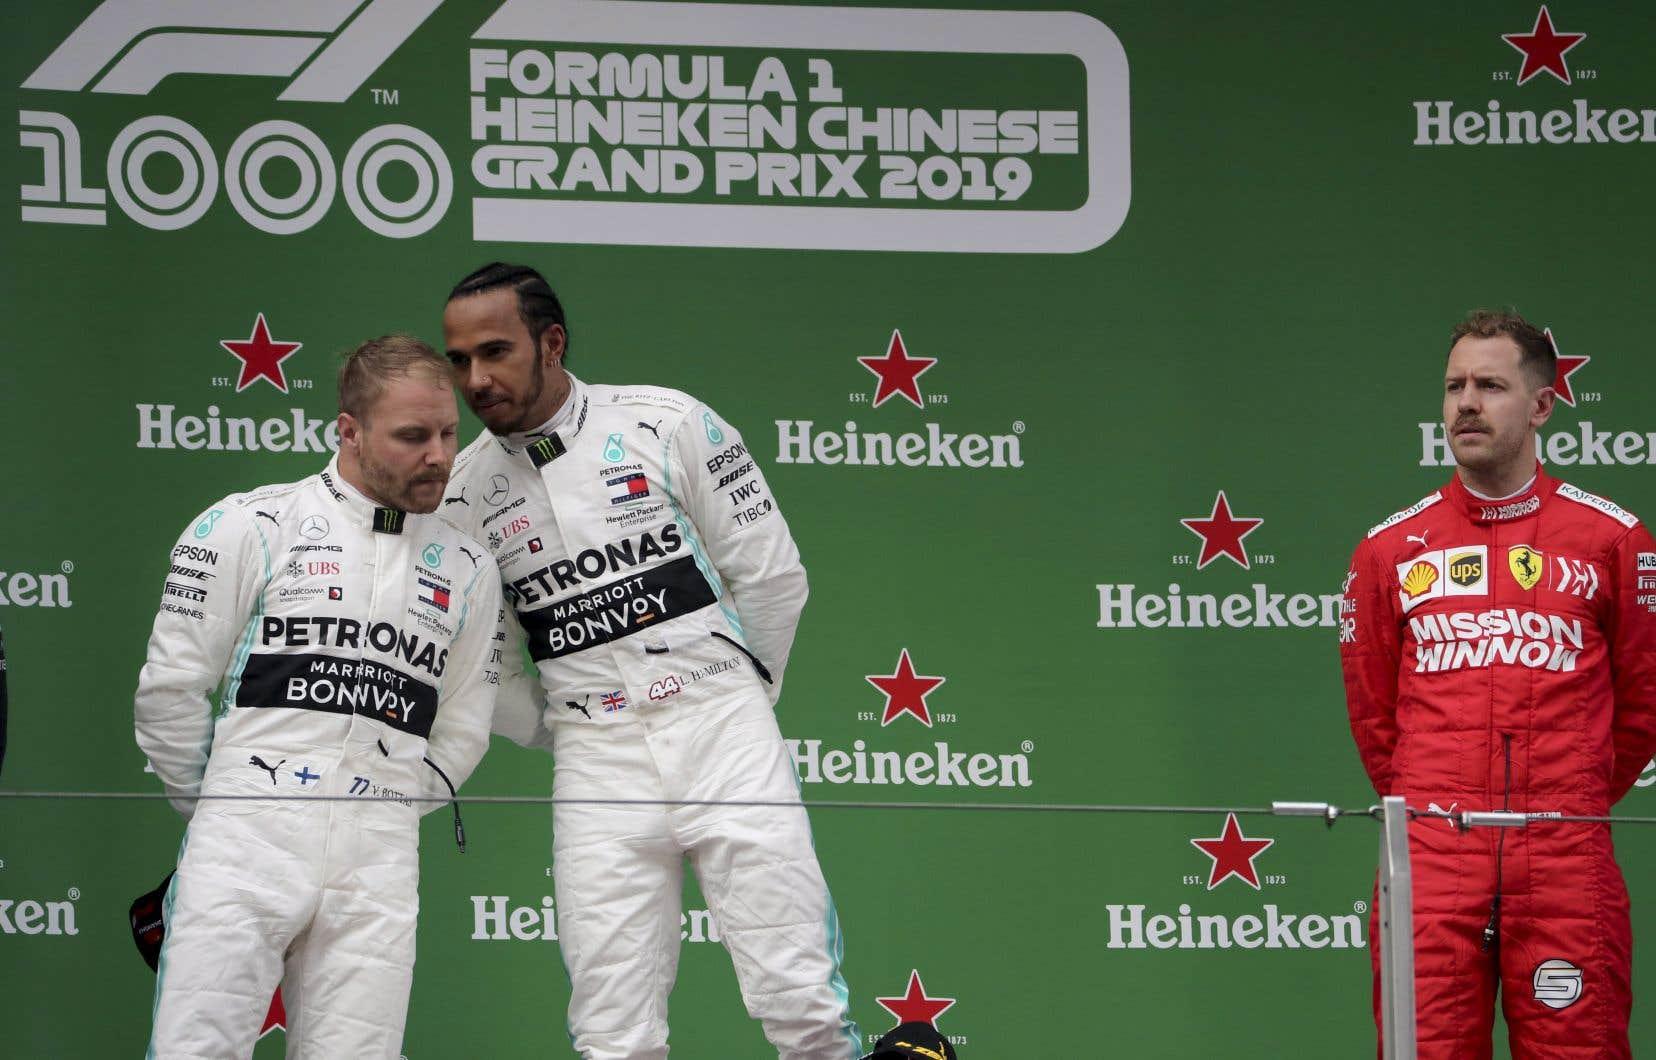 Il s'agissait du 1000eGrand Prix de l'histoire de la F1, et Hamilton en a profité pour signer sa 75evictoire.